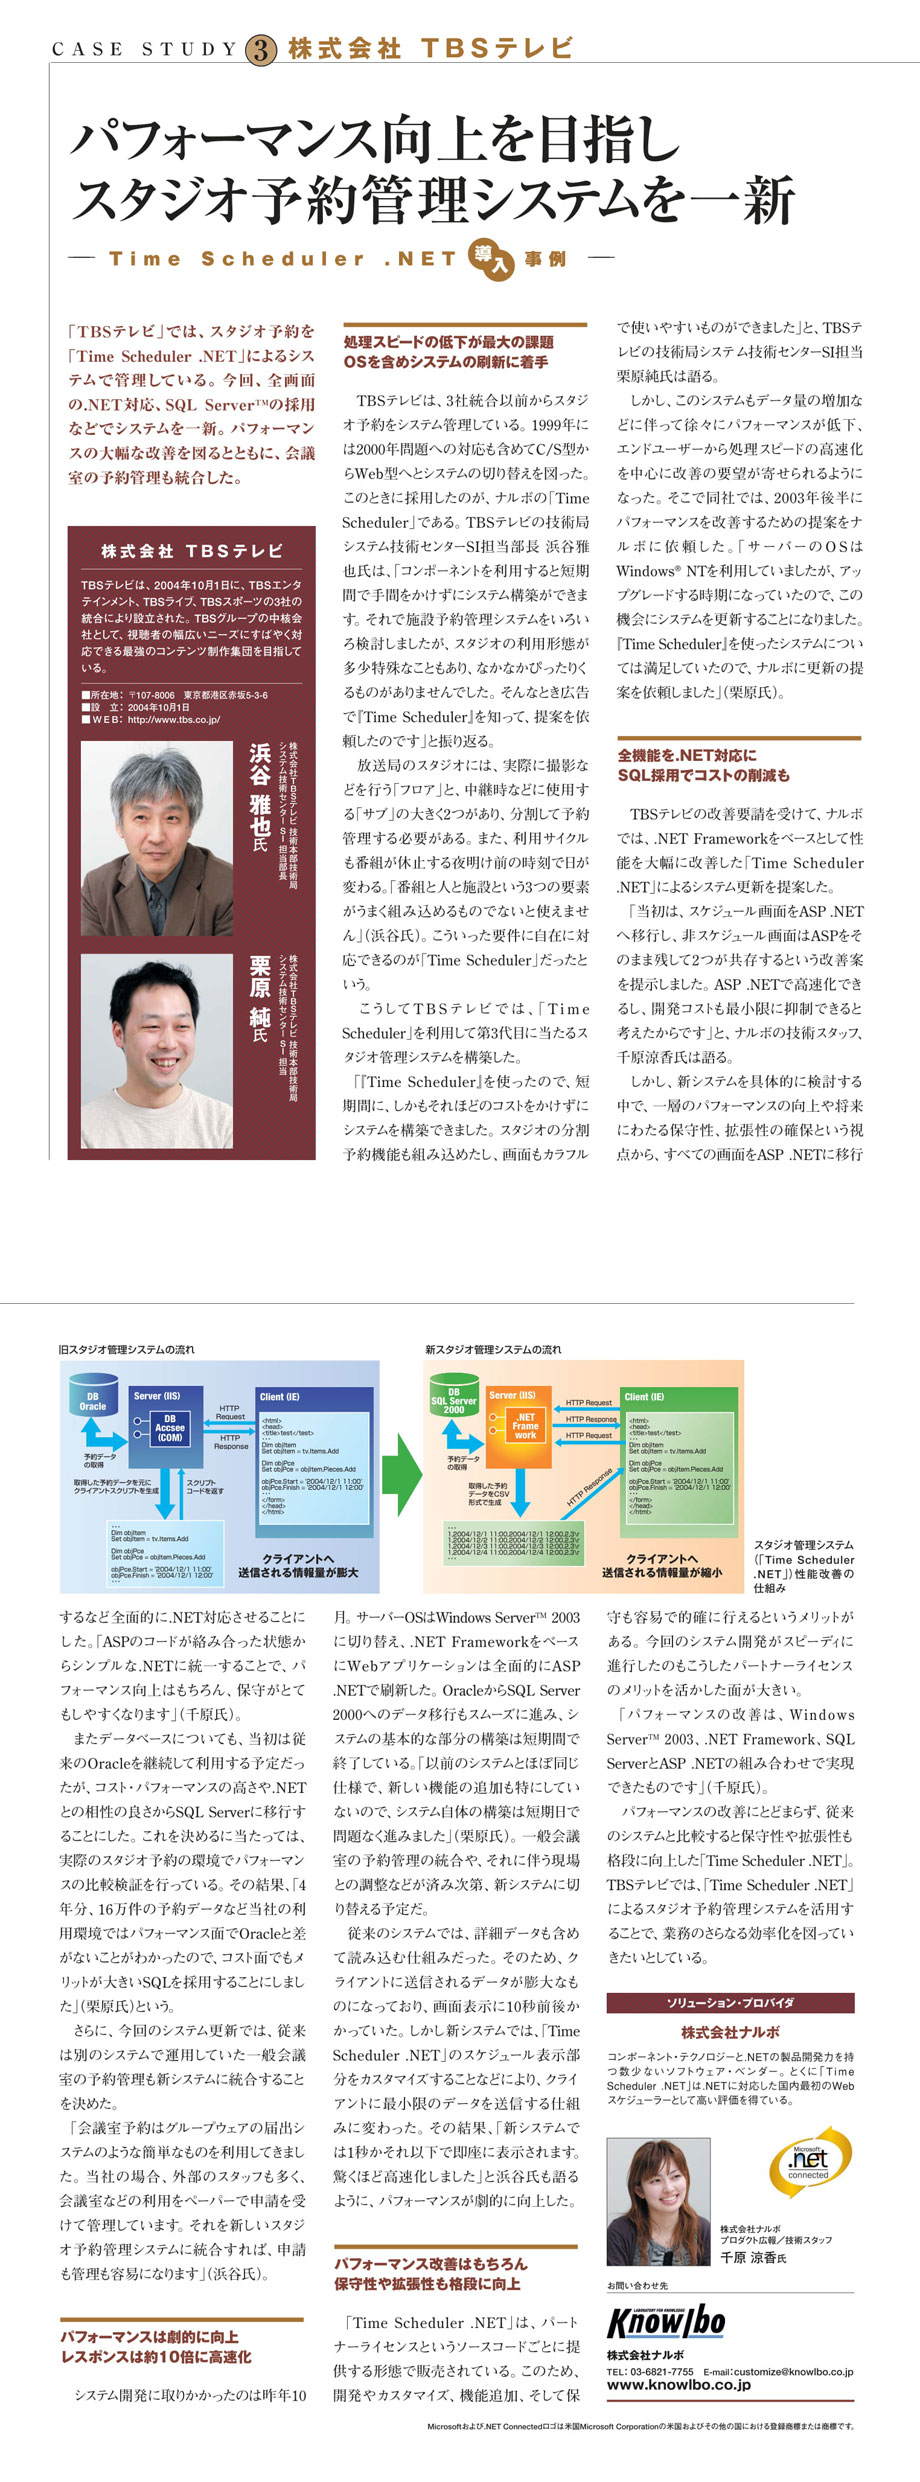 TimeScheduler.NET導入事例リーフレット「株式会社TBSテレビ」様